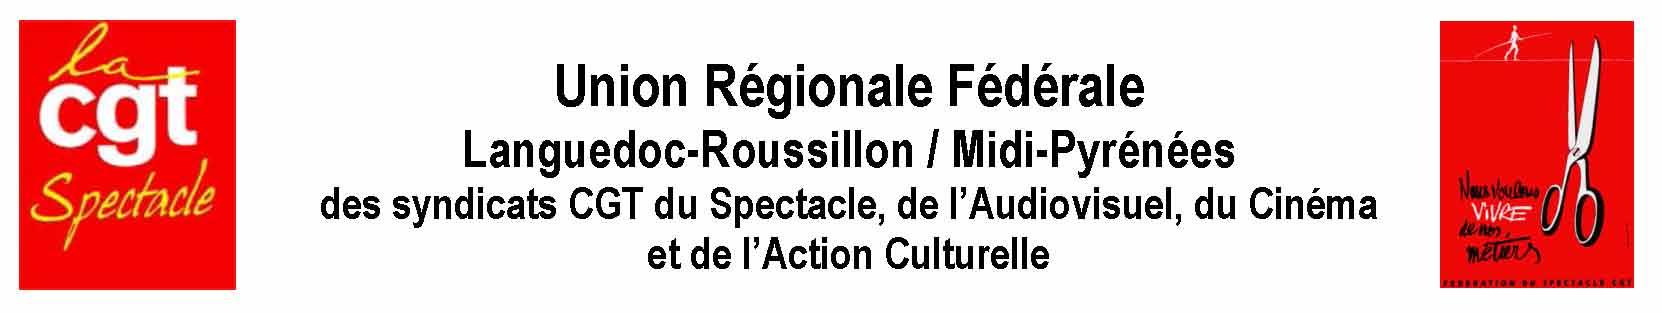 """[""""CGT Spectacle Languedoc-Roussillon / Midi-Pyrénées""""]"""